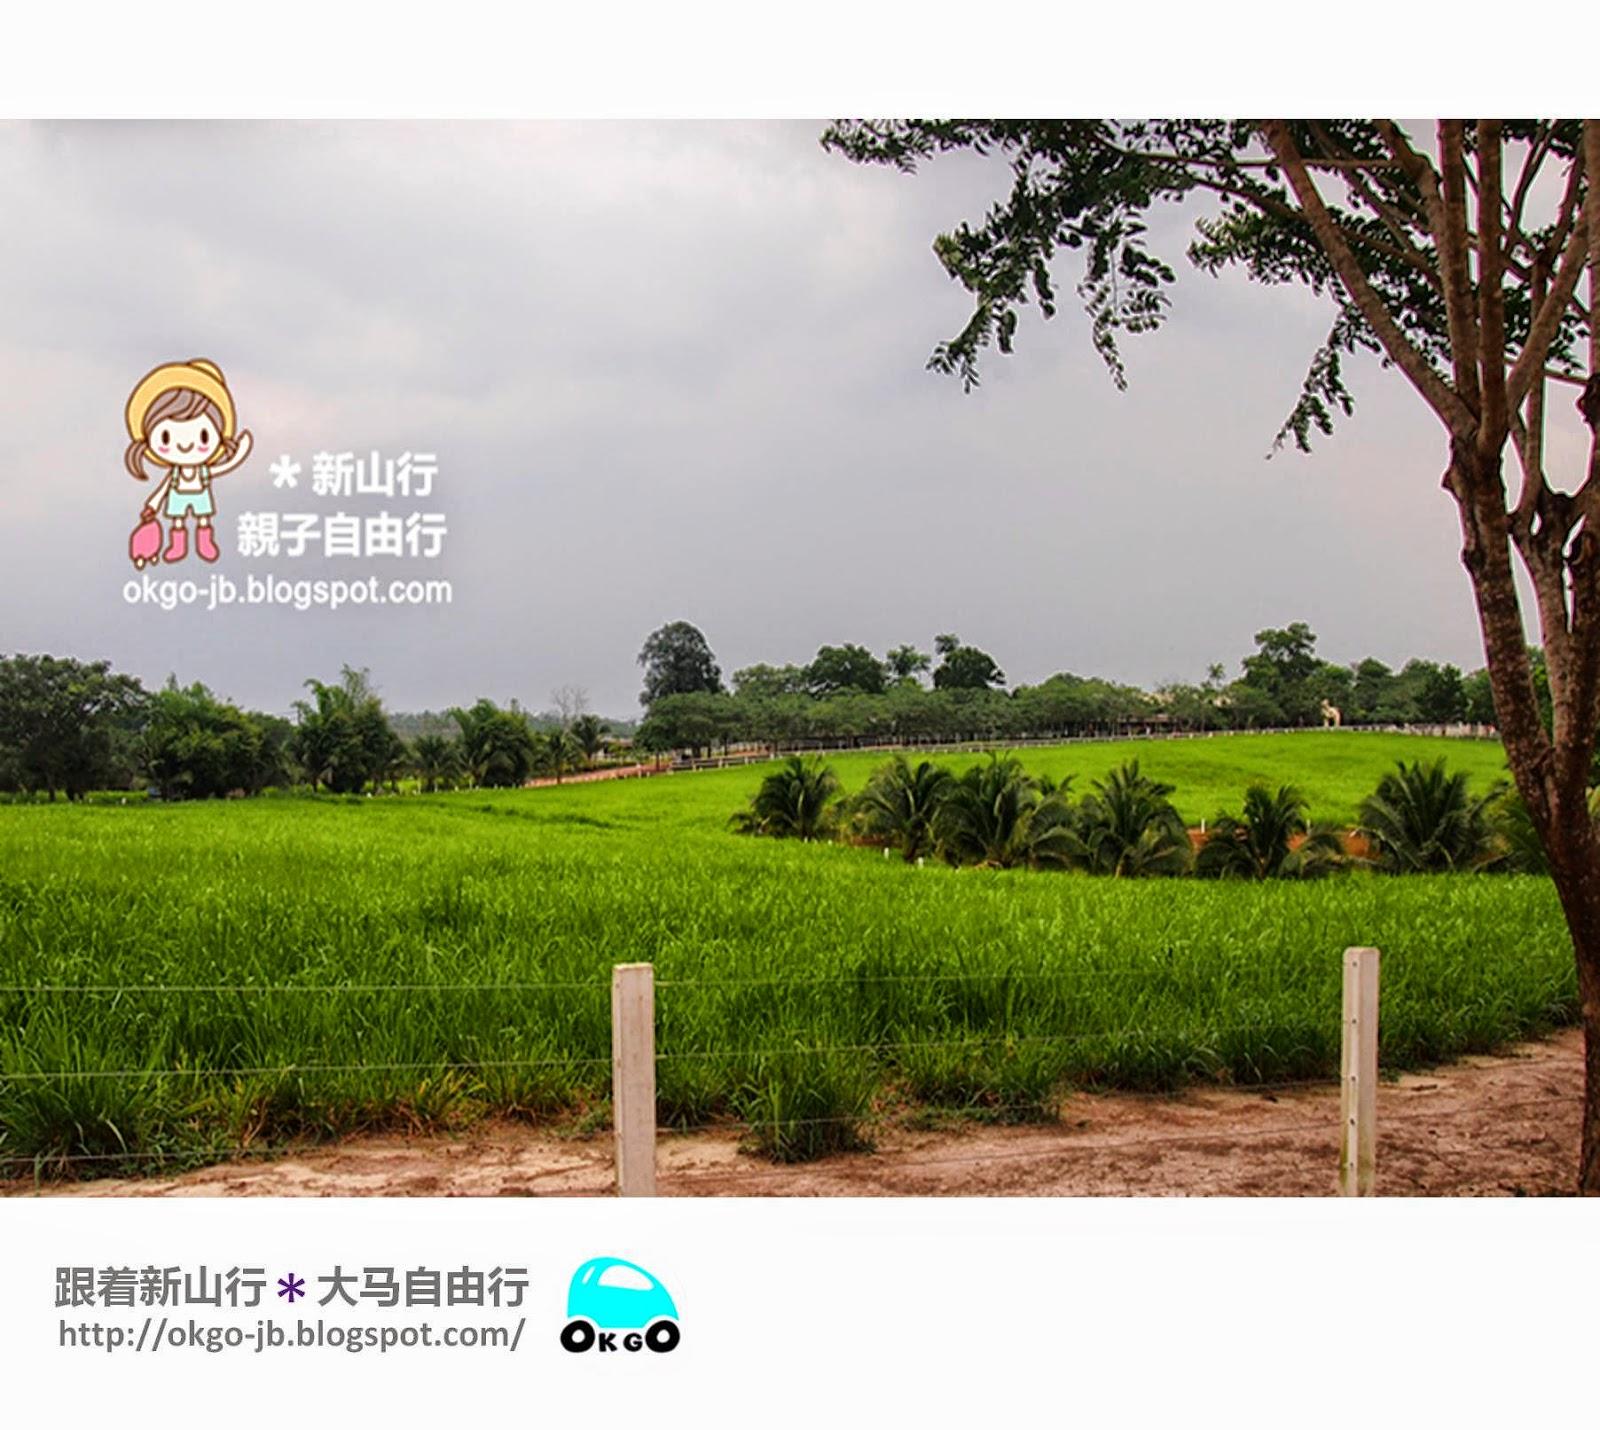 Kluang UK Farm grass land